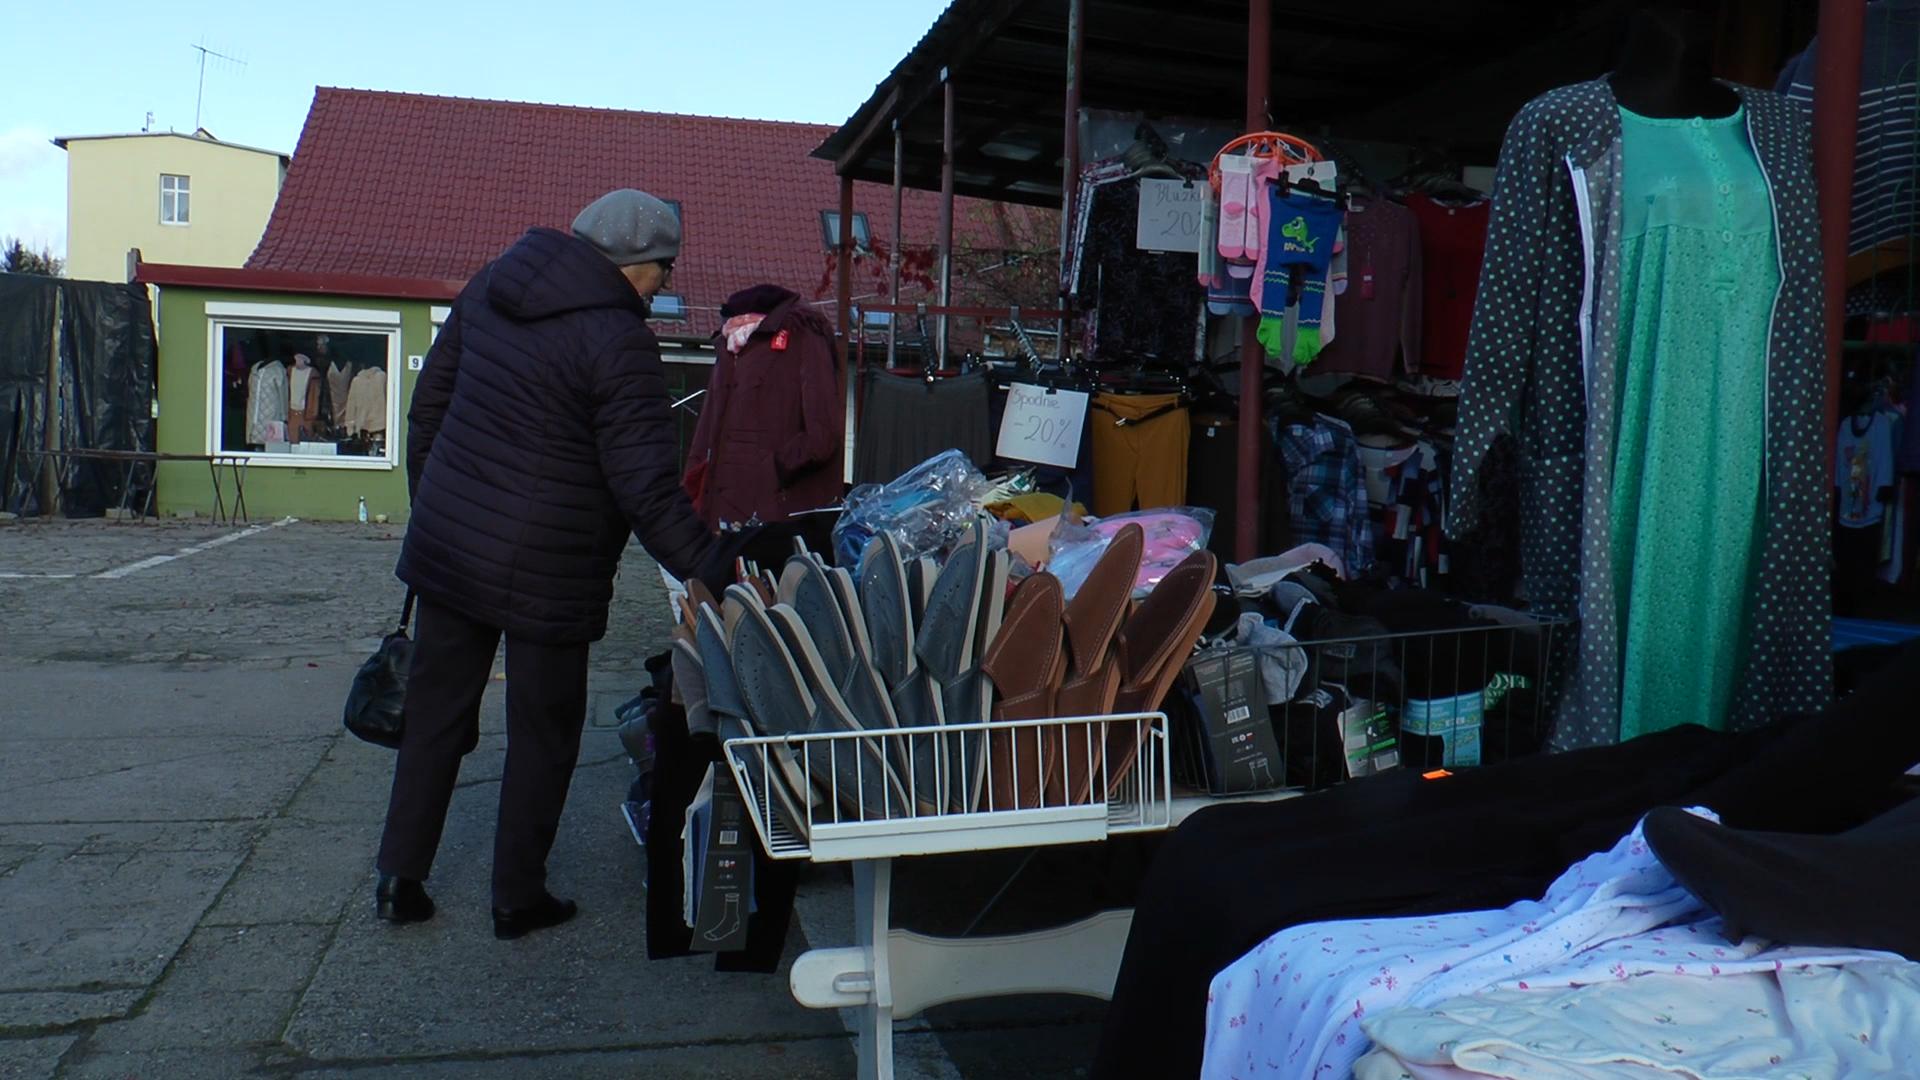 Radny podkablował bazar - handlarze zostali bez prądu